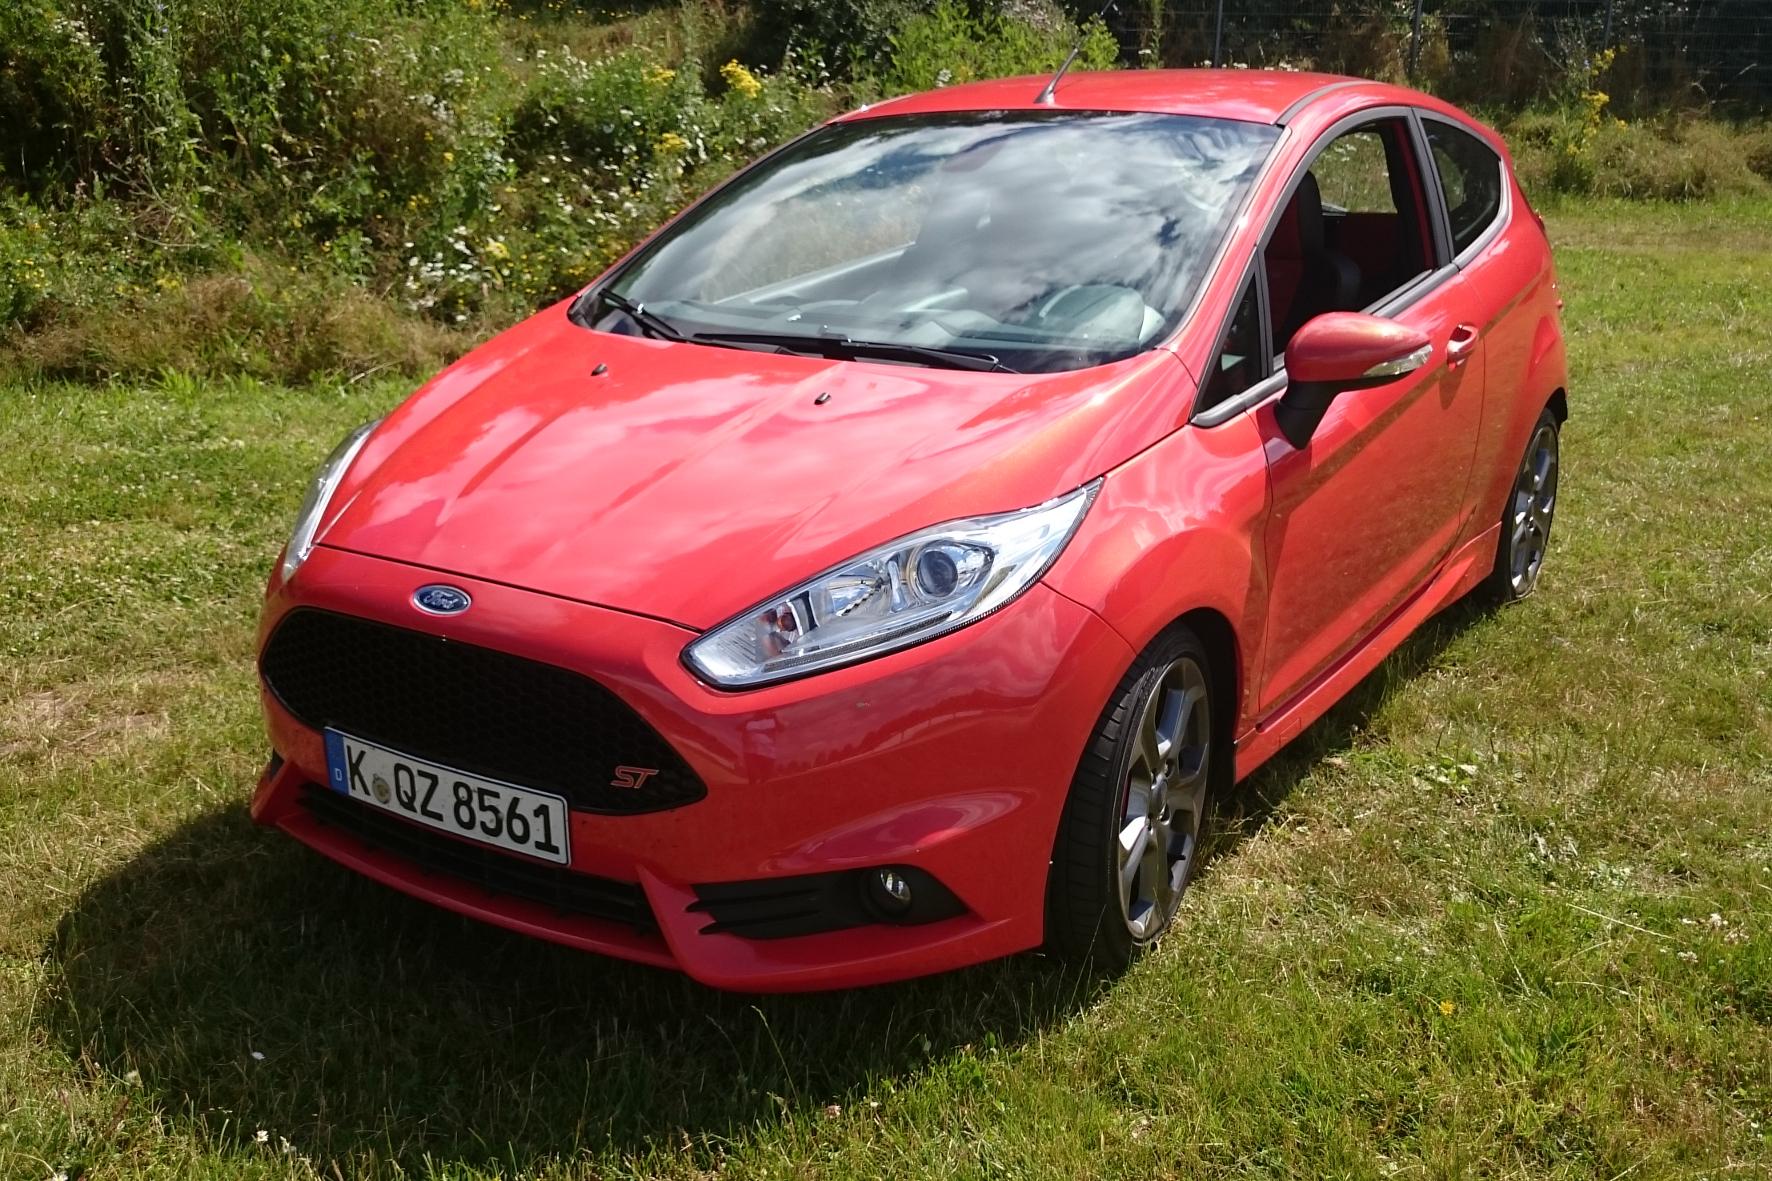 mid Groß-Gerau - Freudenspender aus Köln: Der Ford Fiesta ST bringt Farbe in den oftmals tristen Auto-Alltag.